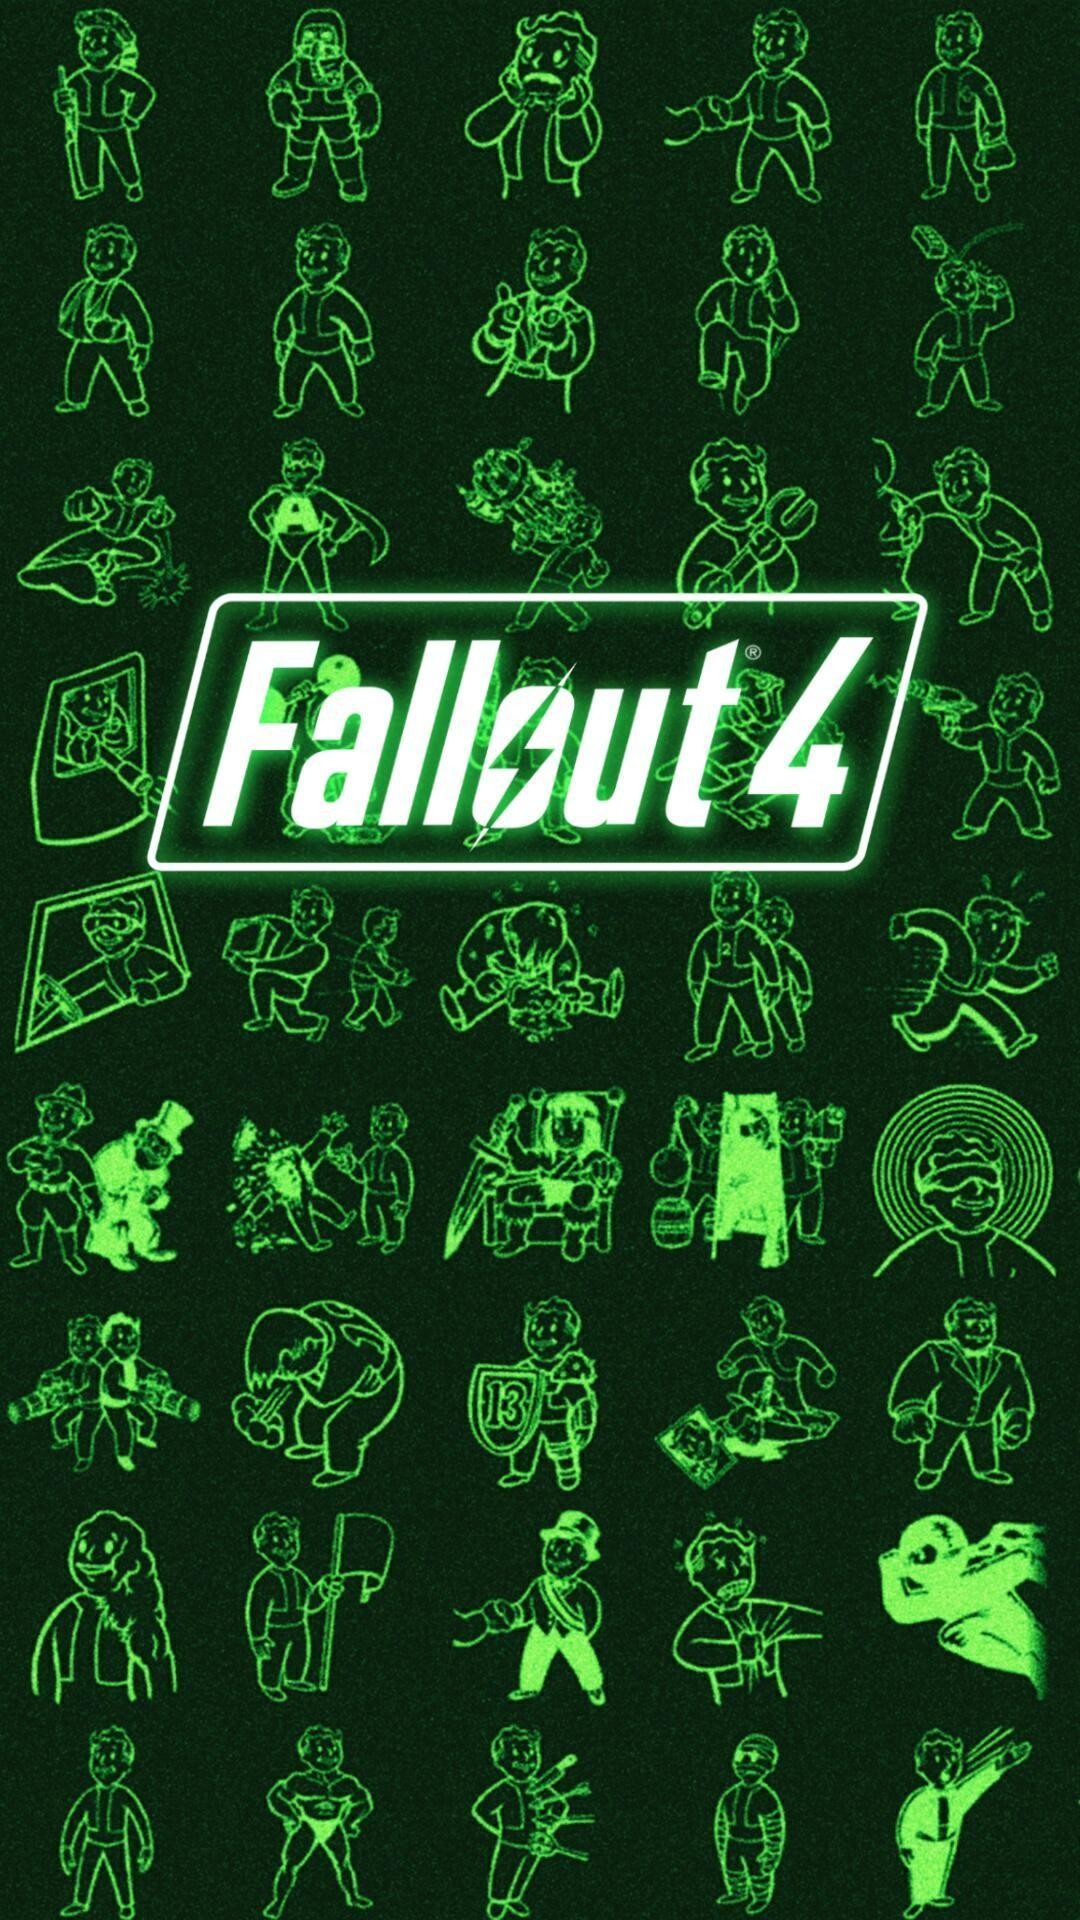 fallout fallout new vegas fallout wallpaper fallout 4 mobile wallpaper hd  falloutmobilewallpapers.tumblr.com